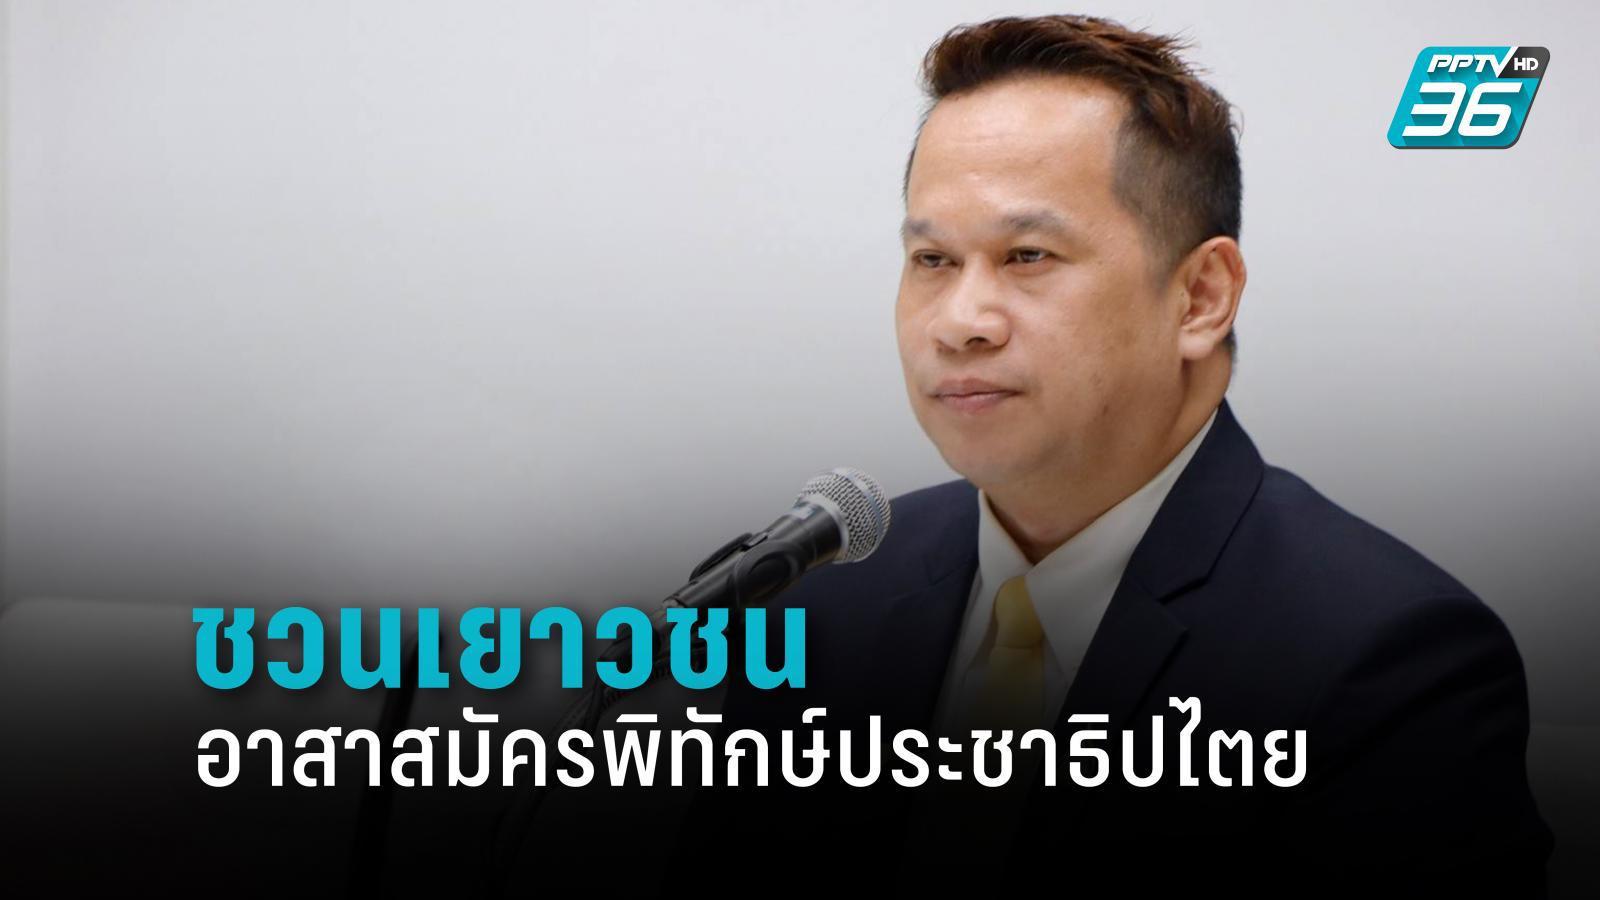 """""""เพื่อไทย"""" ชวนเยาวชน 350 คน เป็นอาสาสมัครพิทักษ์ประชาธิปไตย"""